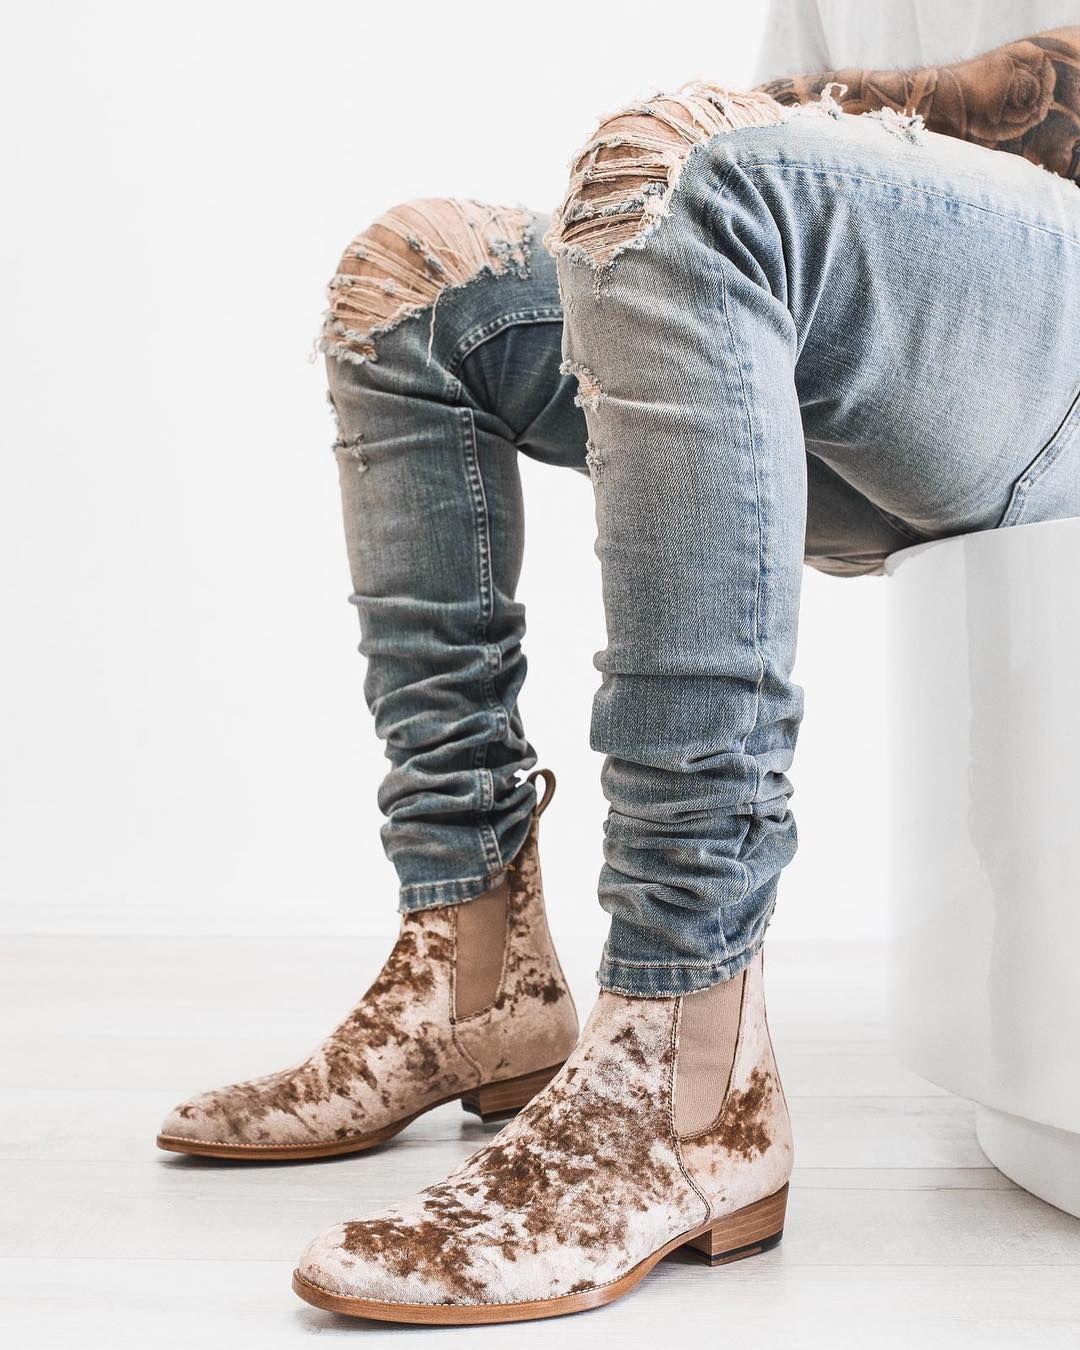 The Reggio Velvet Chelsea Boots Chelsea Boots Mens High Street